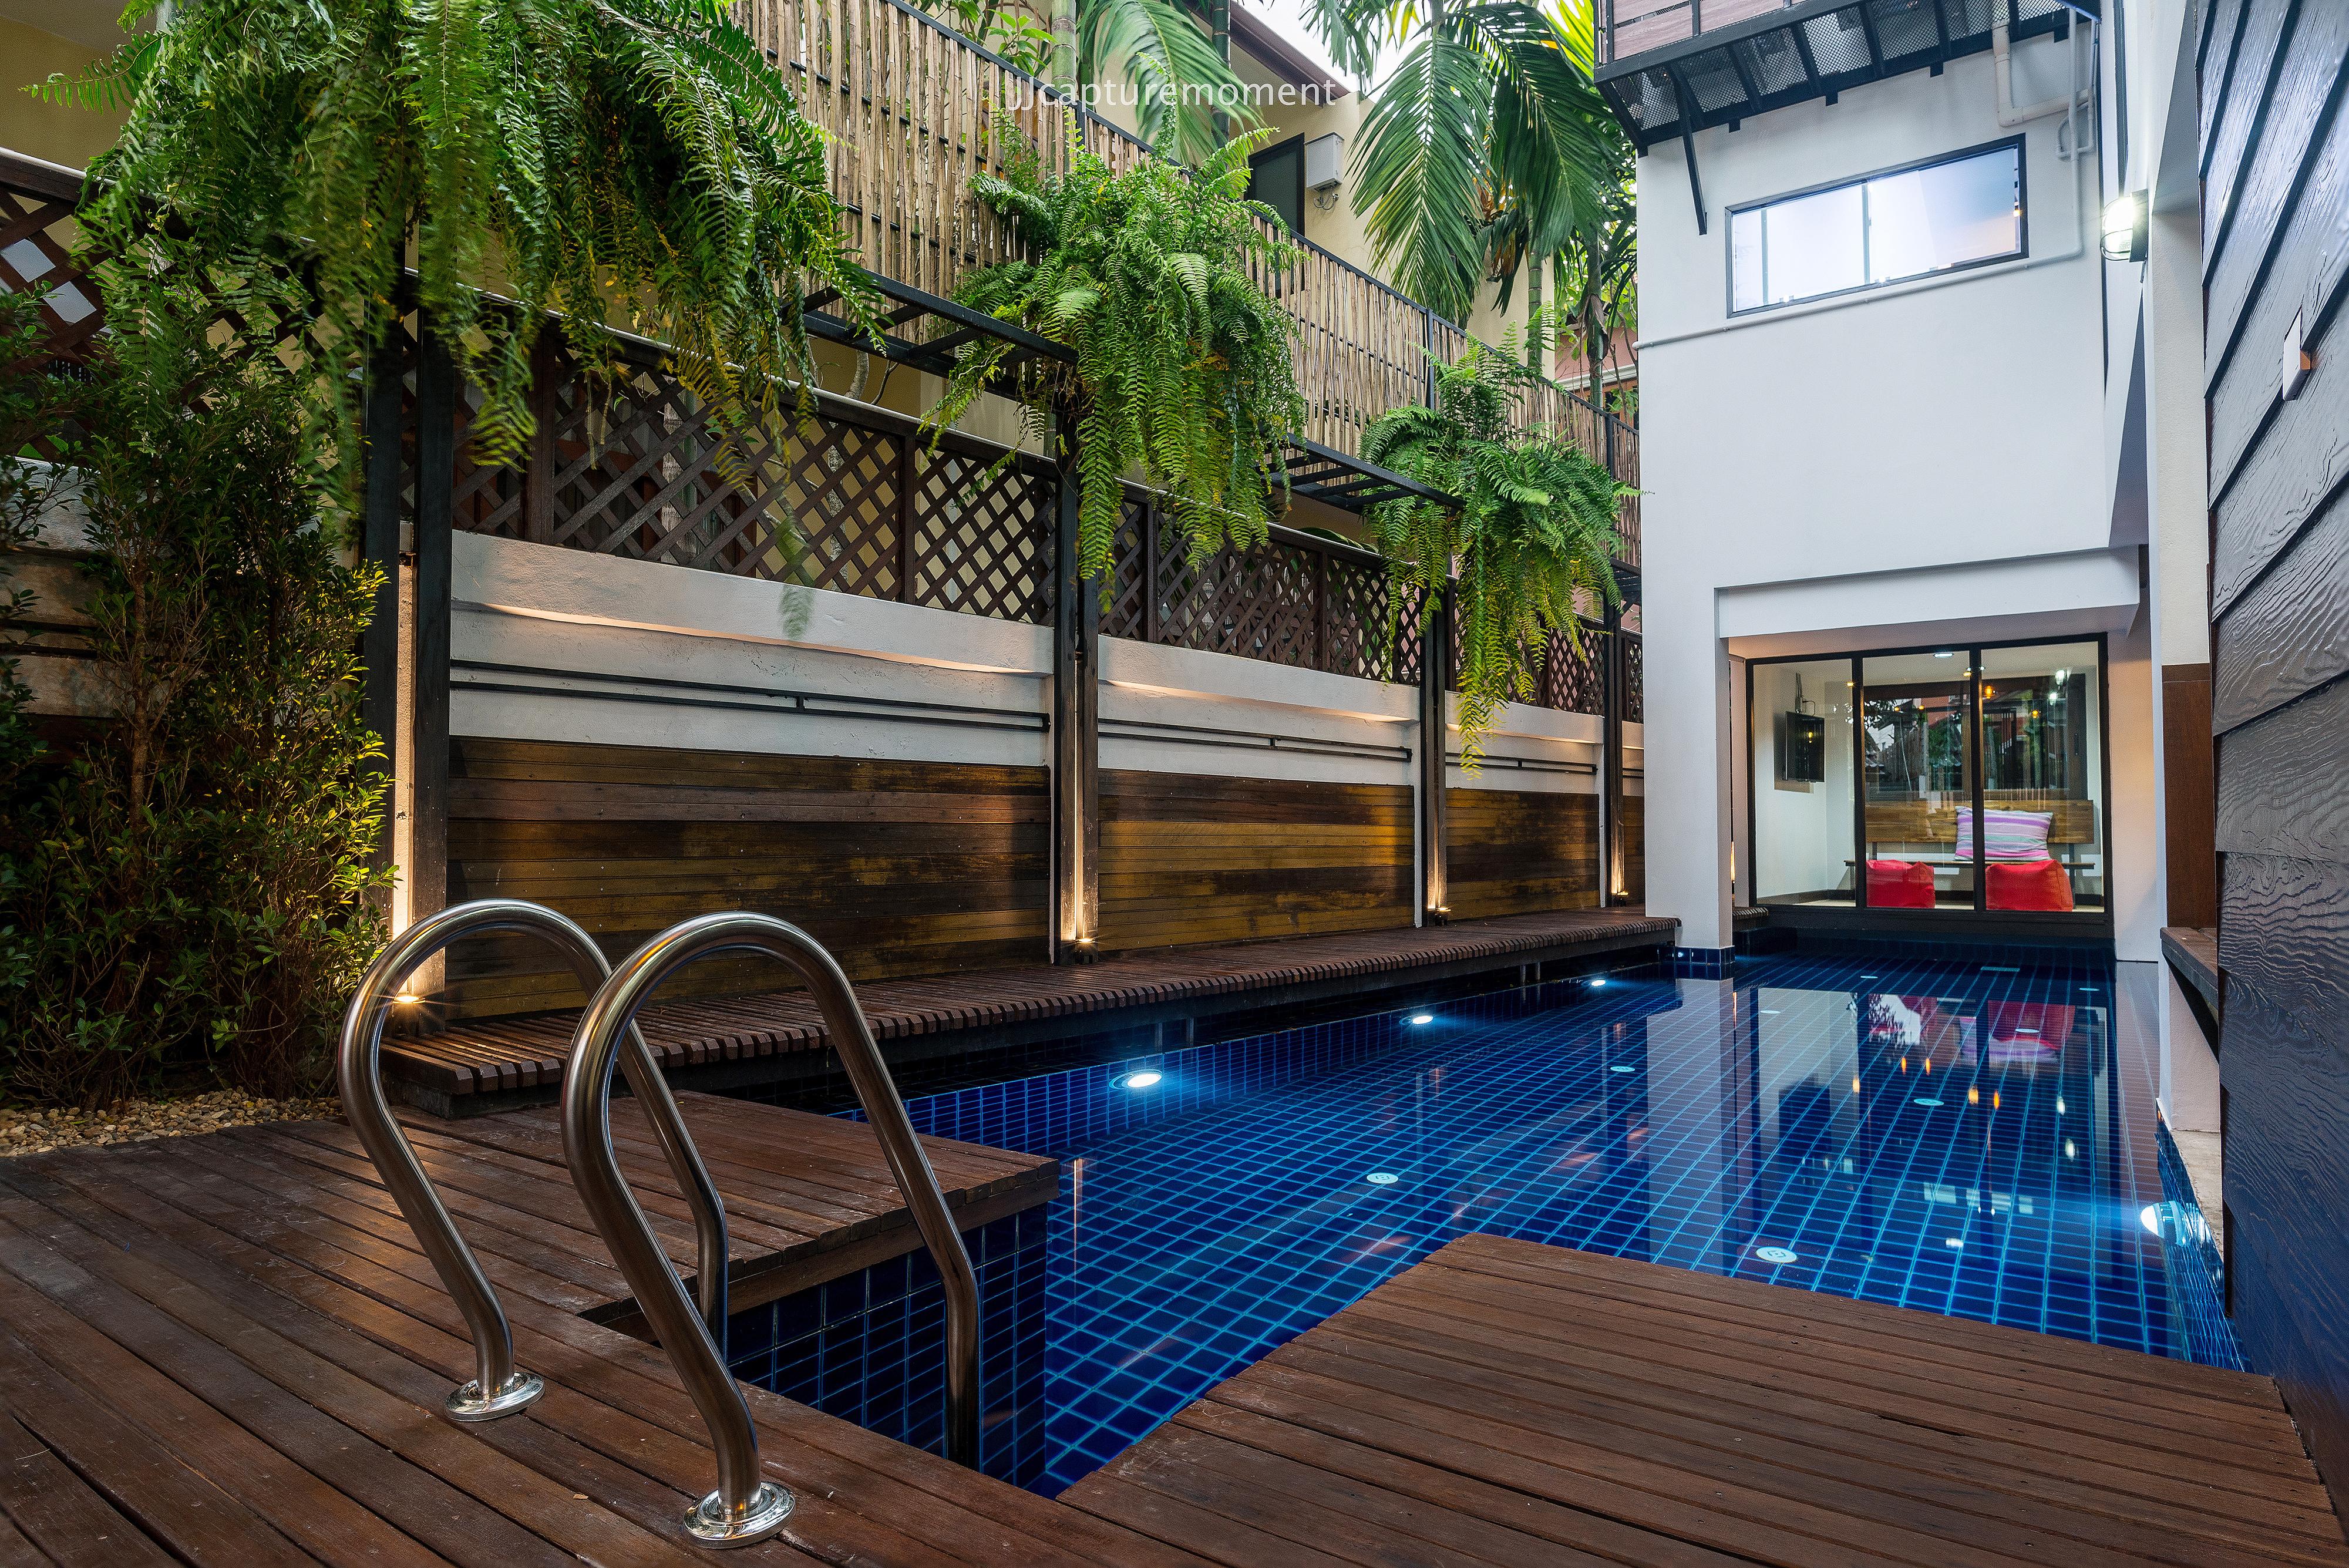 33 Hostel Chiang Mai, Thailand.